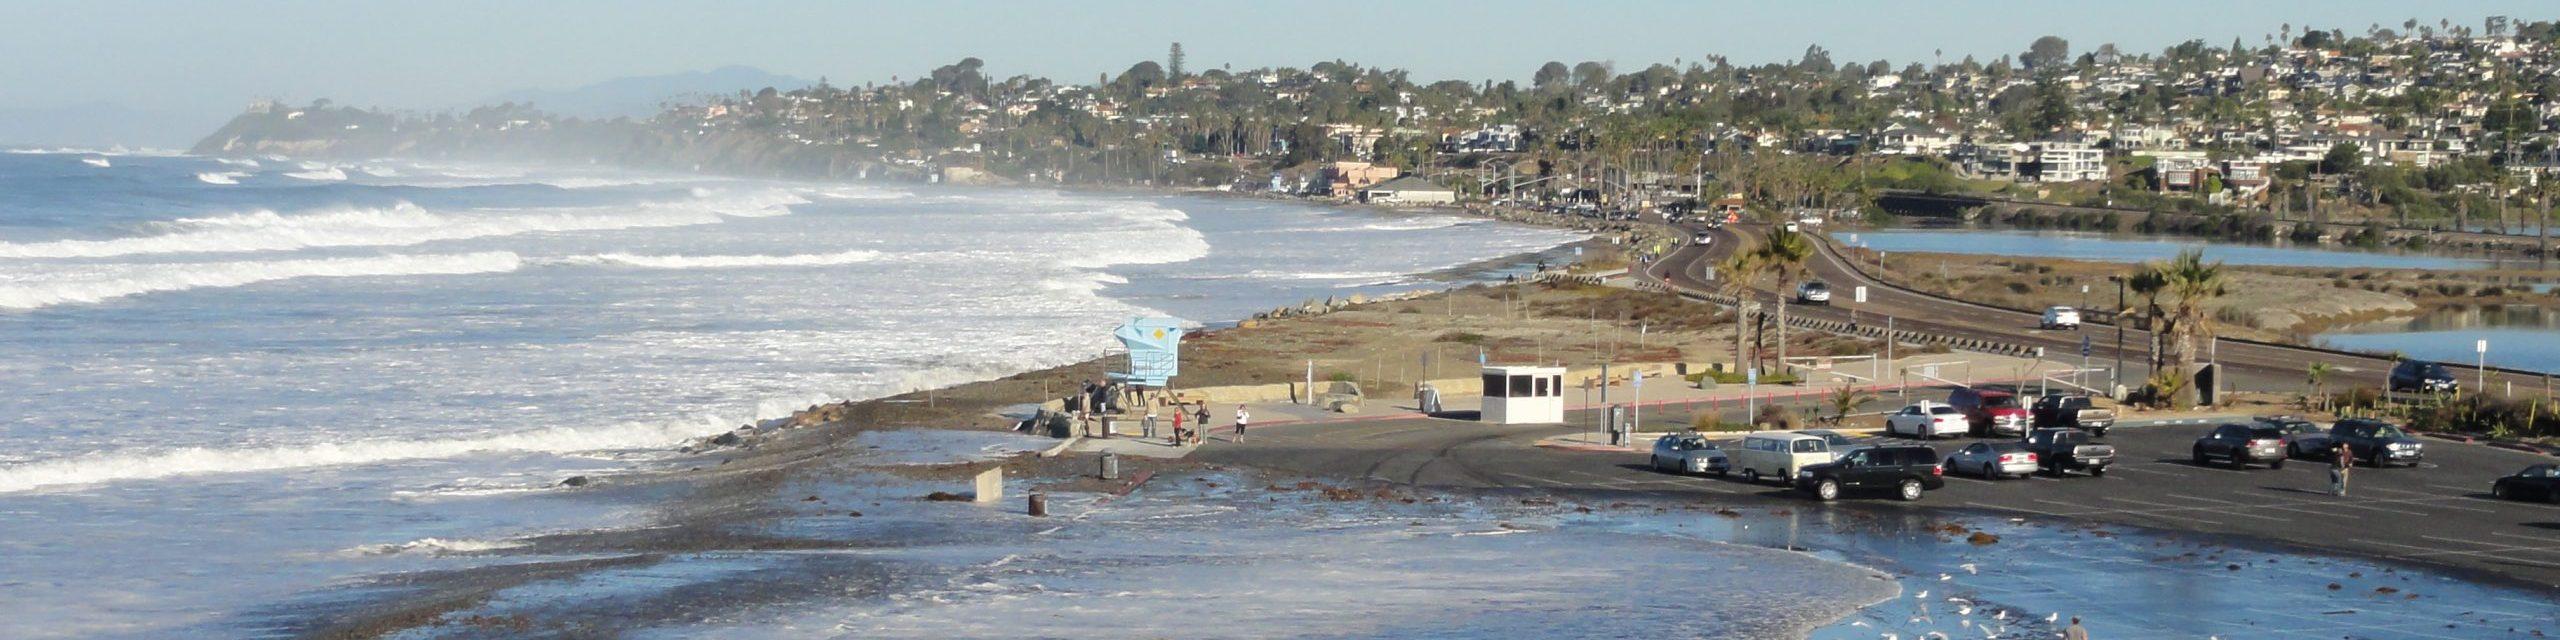 slide-seaside-flooding